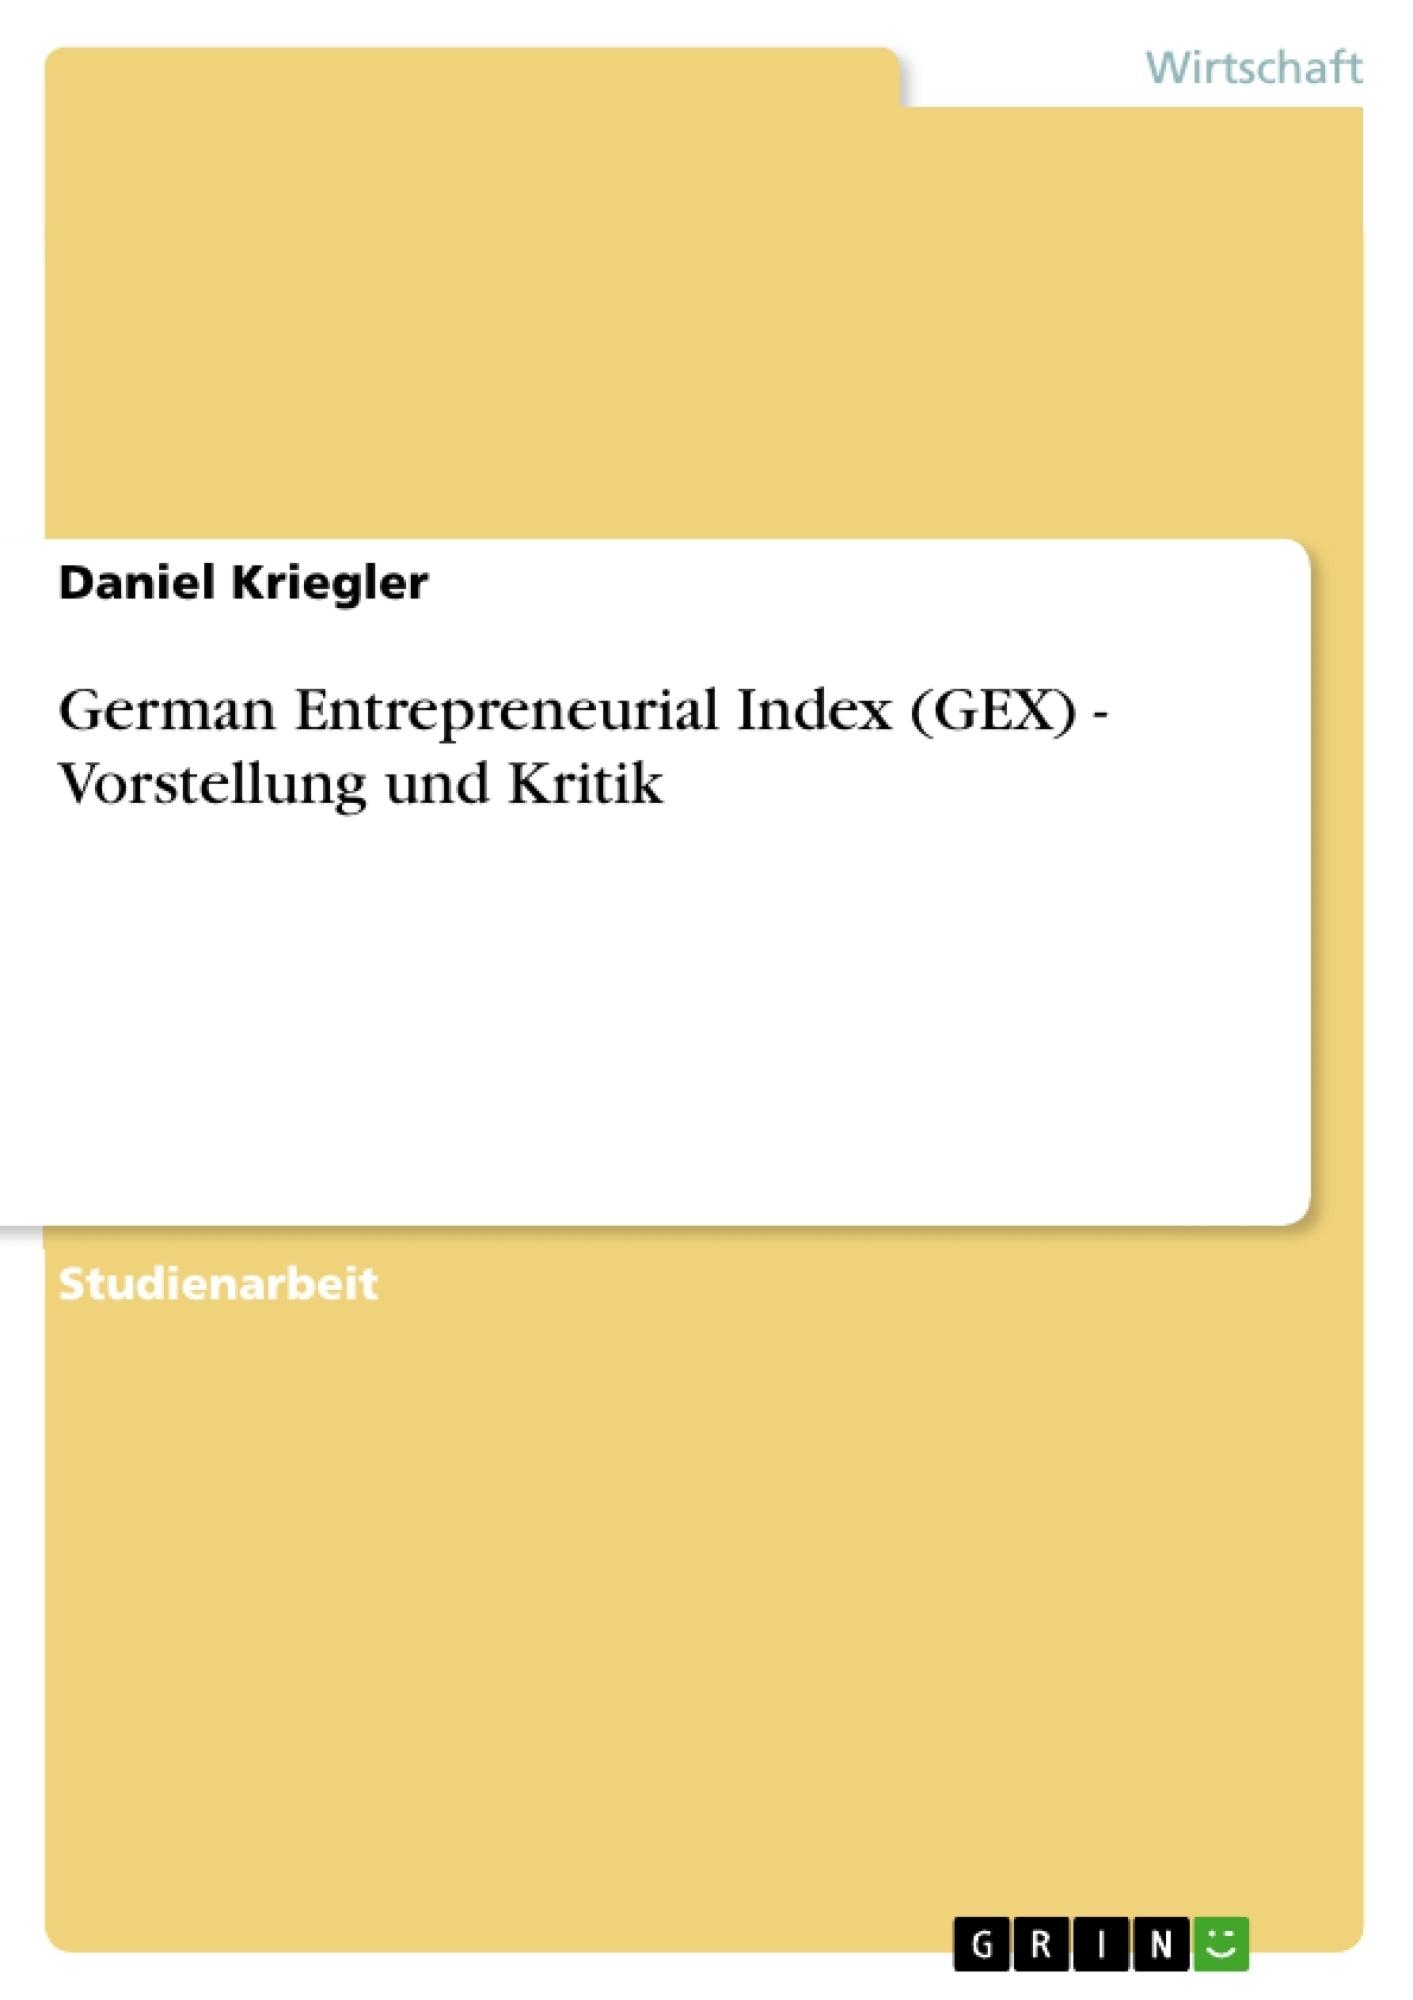 Titel: German Entrepreneurial Index (GEX) - Vorstellung und Kritik